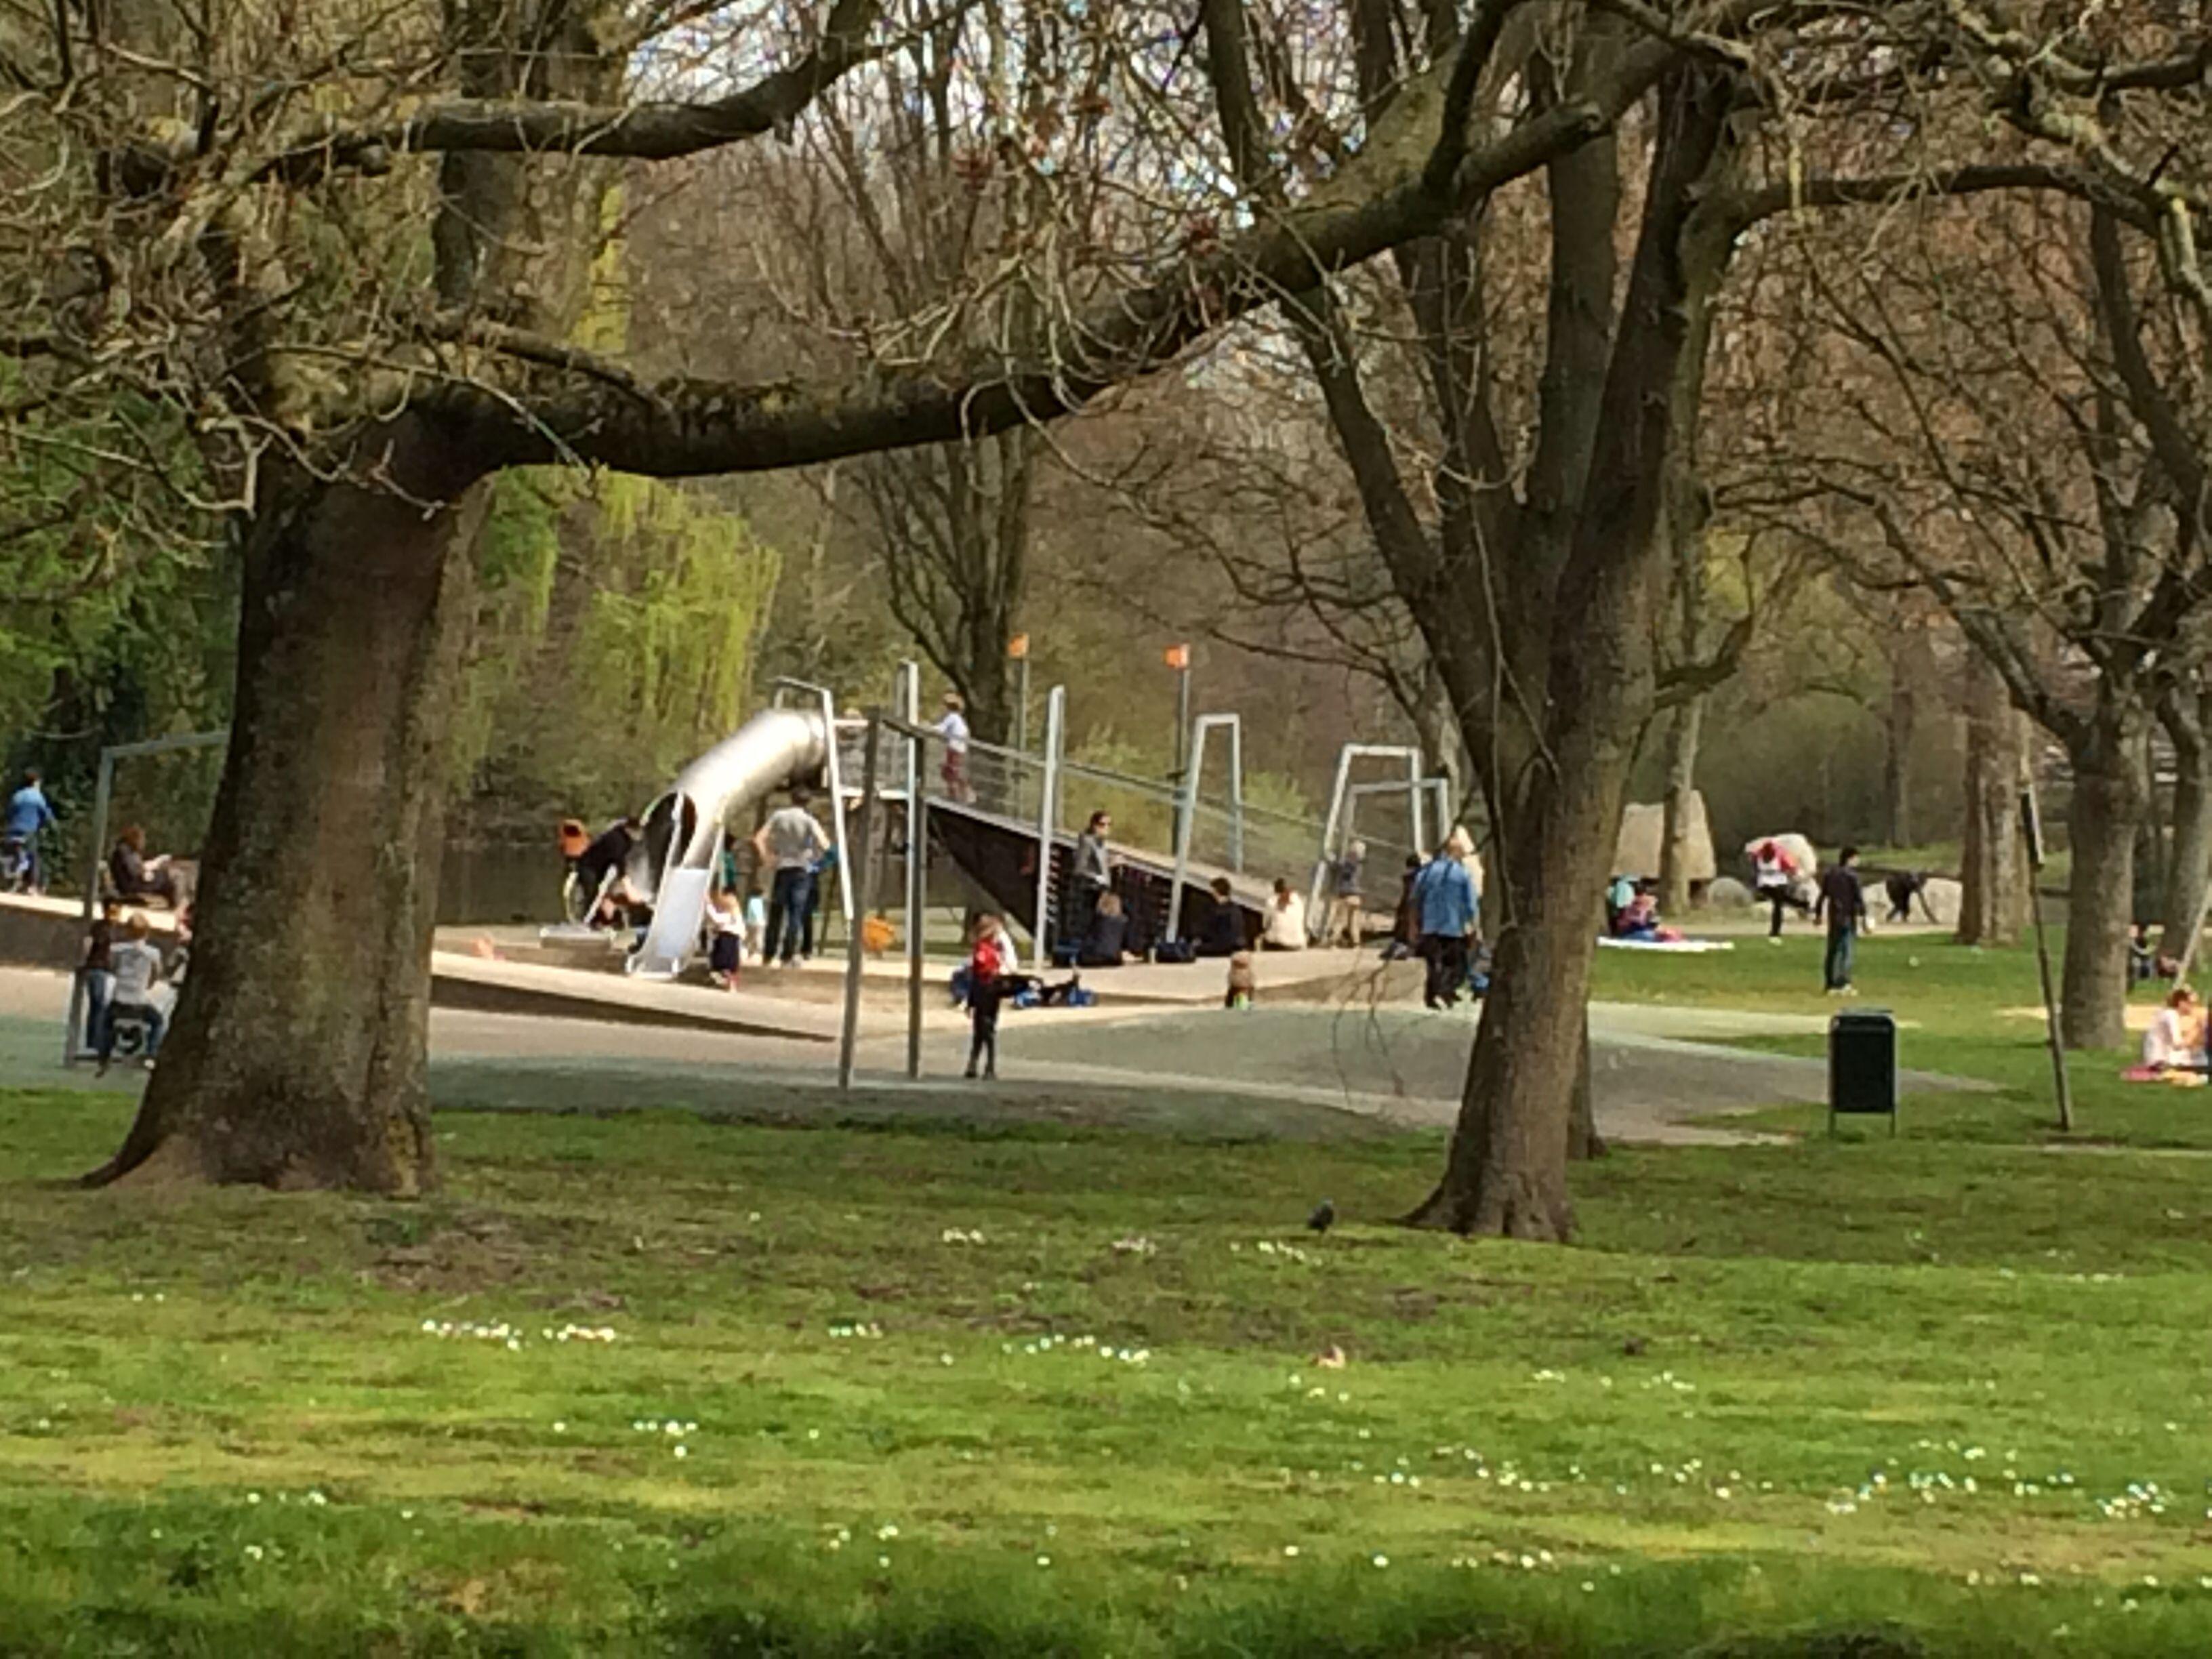 Mooie speeltuin in park overbosch eenvoudig te bereiken via de